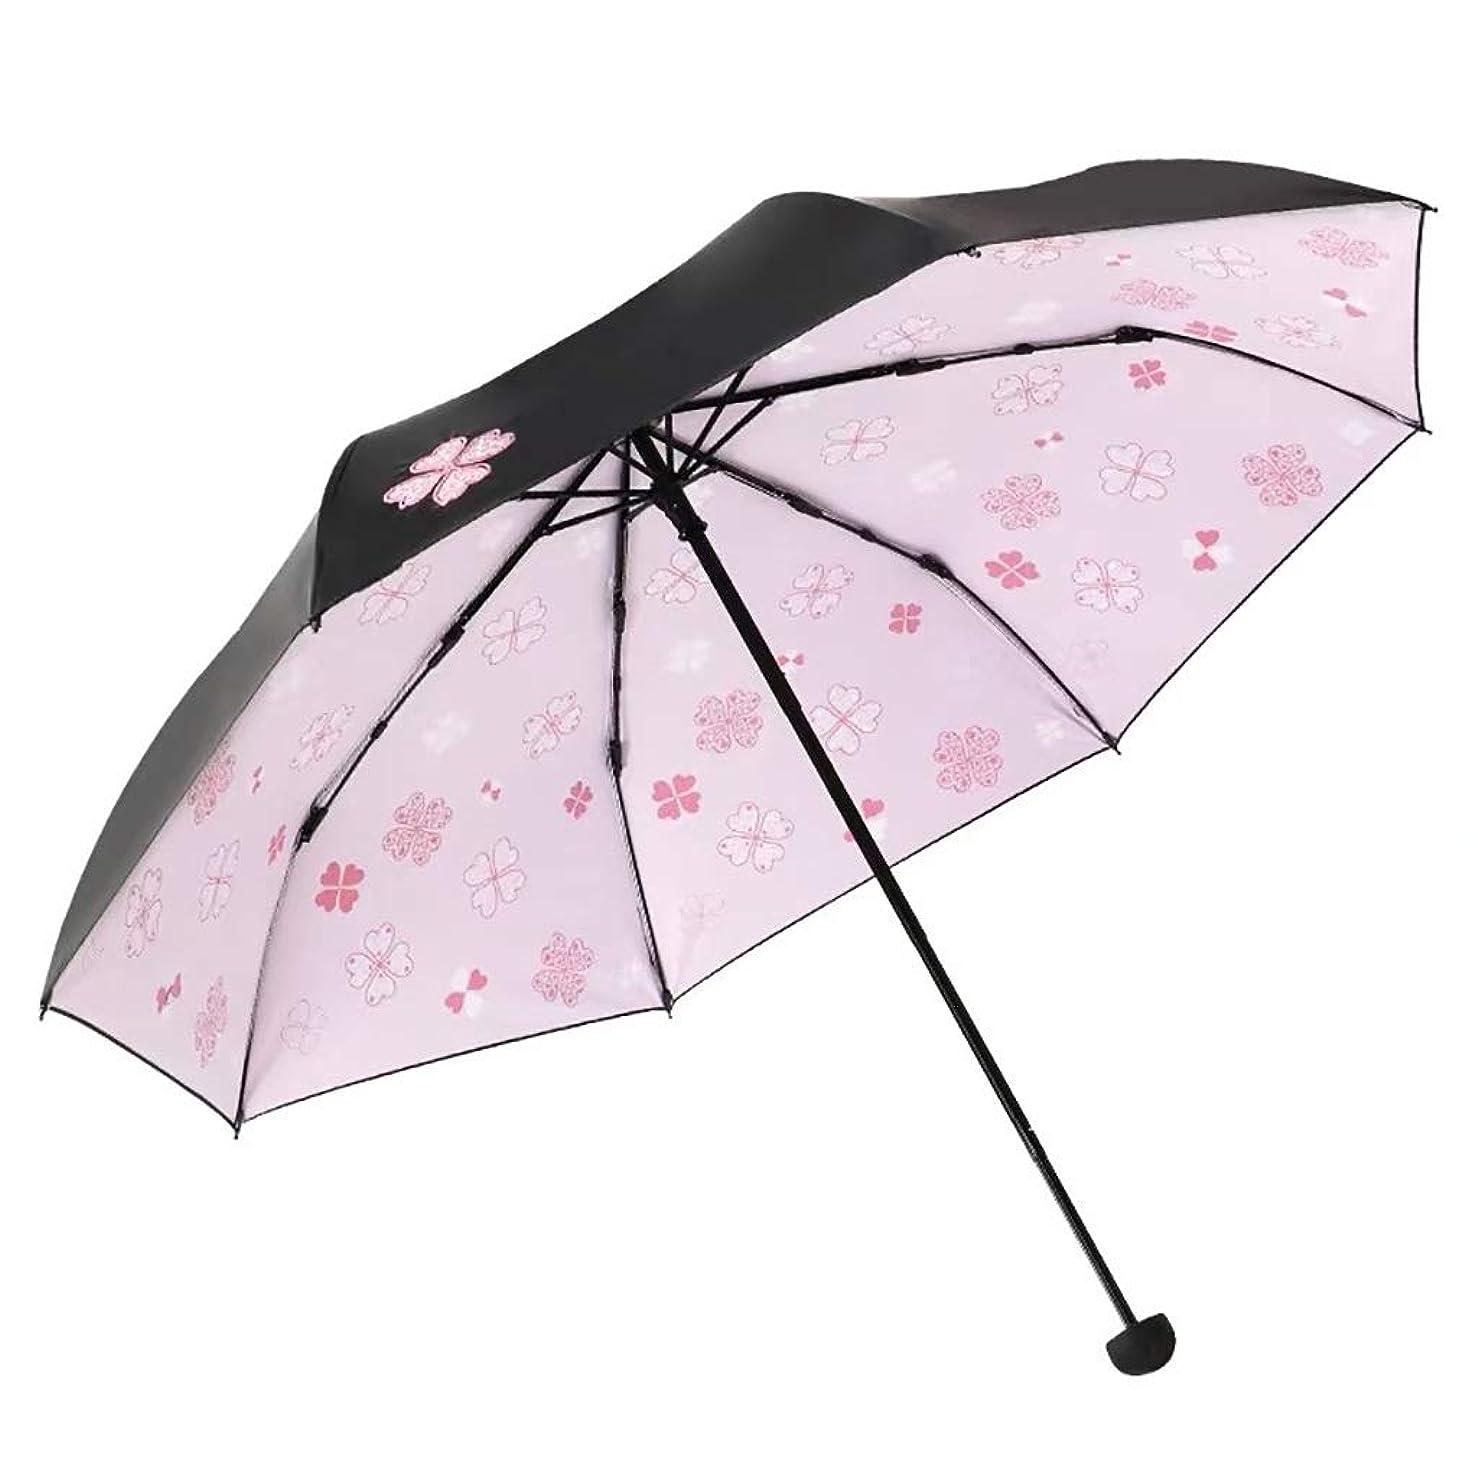 荒廃する適度に麻酔薬軽量ミニ傘、日焼け止めUVデュアルユース折りたたみ8リブ高速乾燥屋外傘 (Color : Pink)